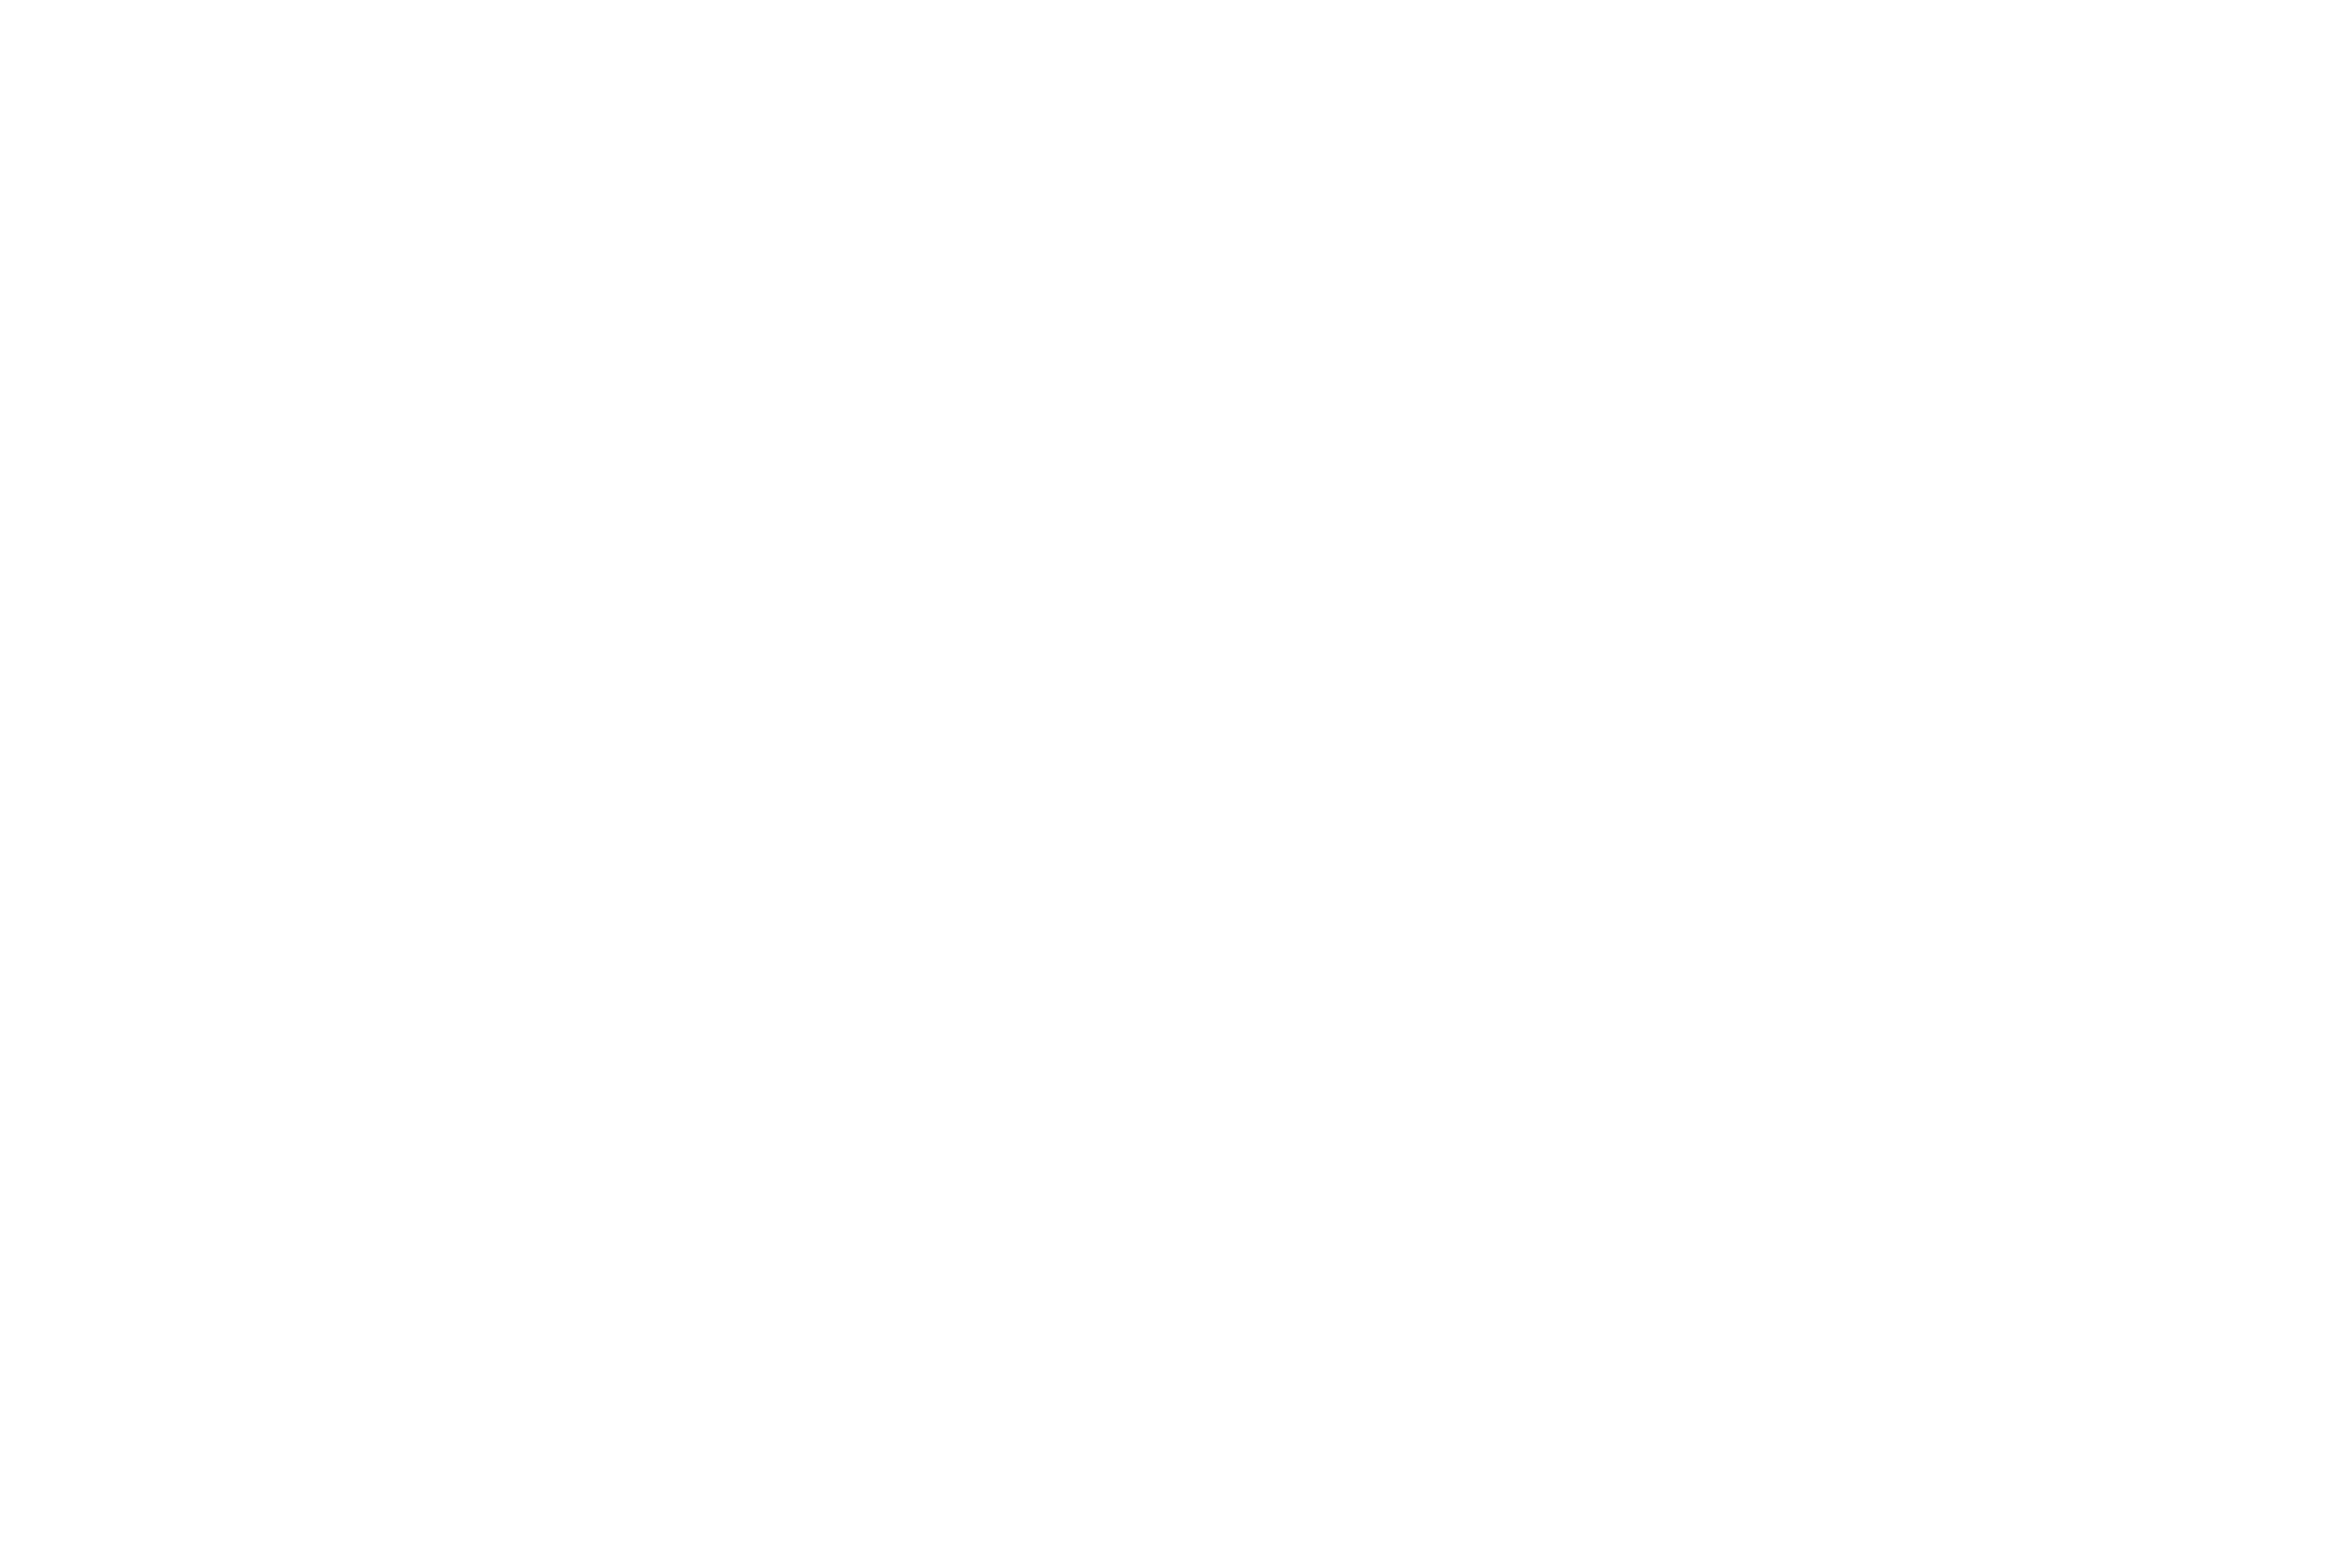 160521-bht-32